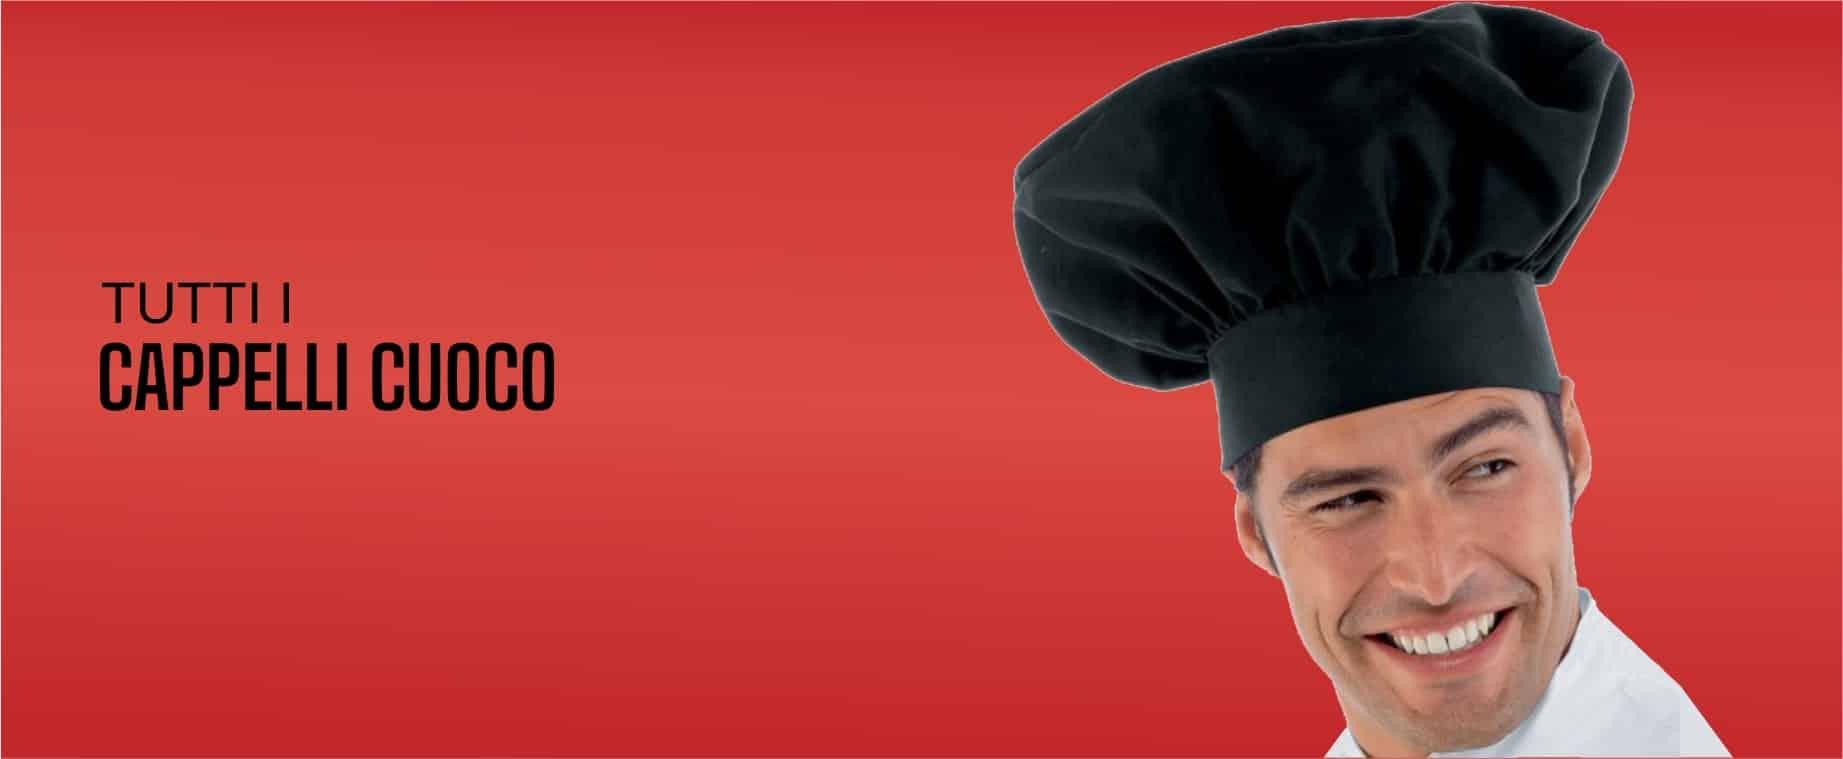 Copricapo cucina